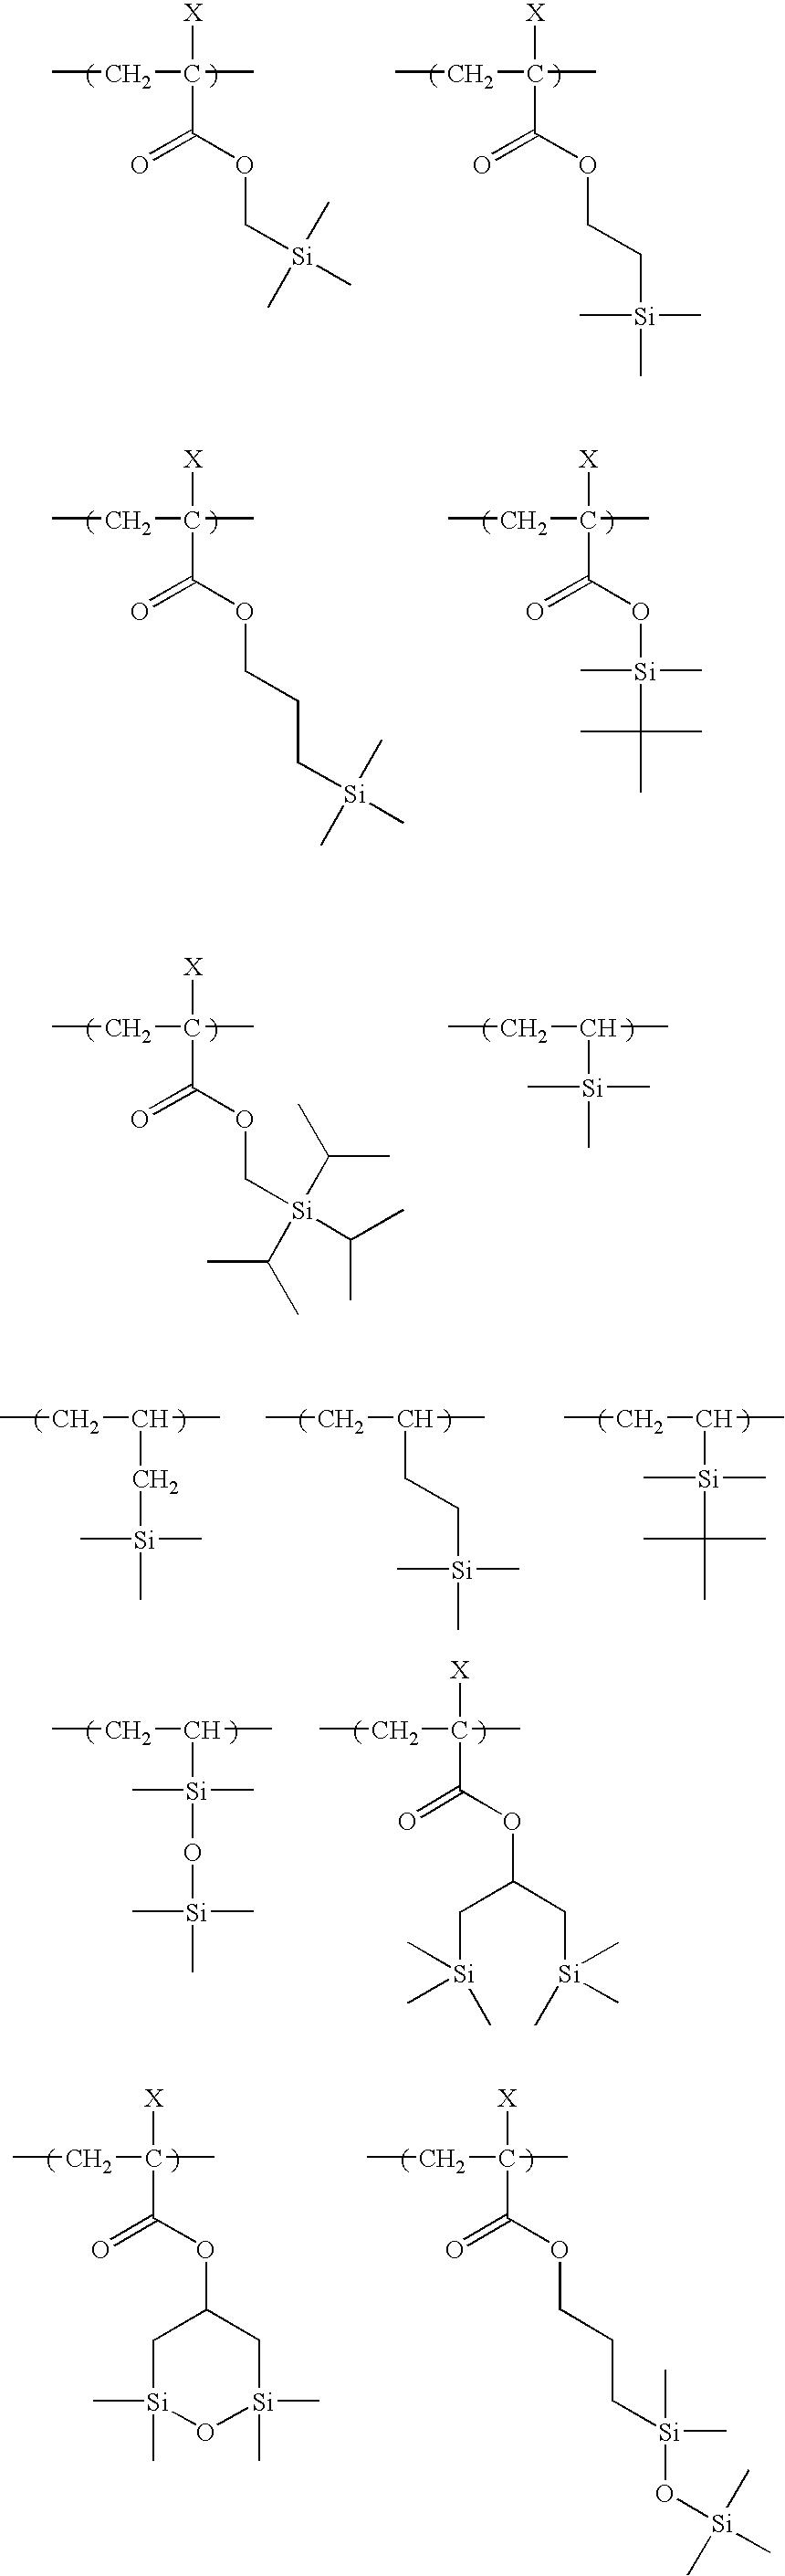 Figure US07985534-20110726-C00069